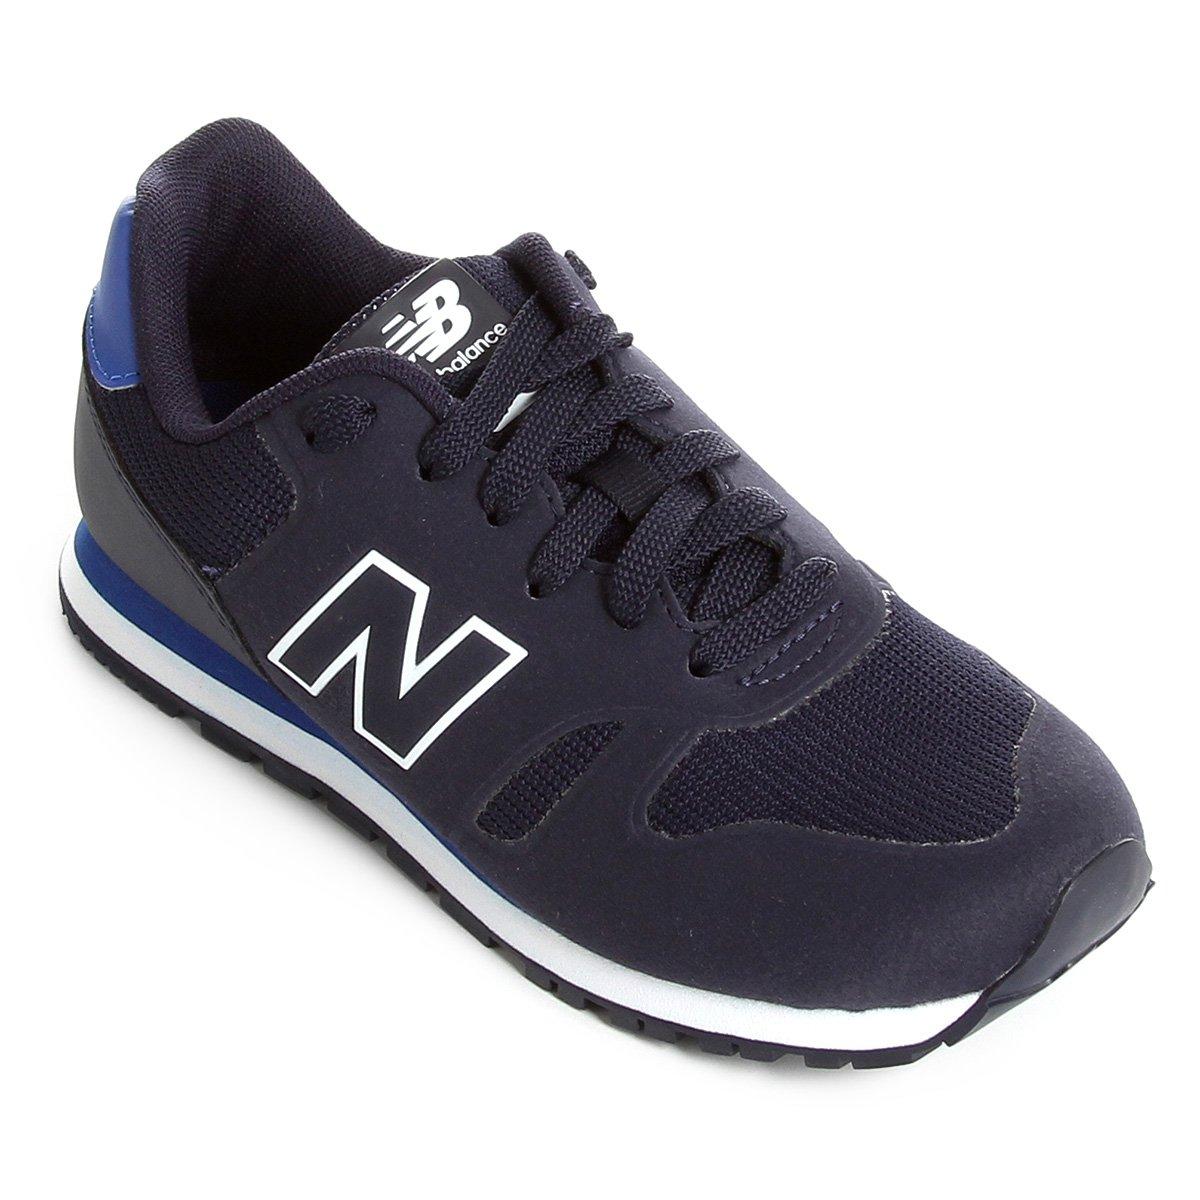 46b98637794 Tênis Infantil New Balance 373 - Compre Agora